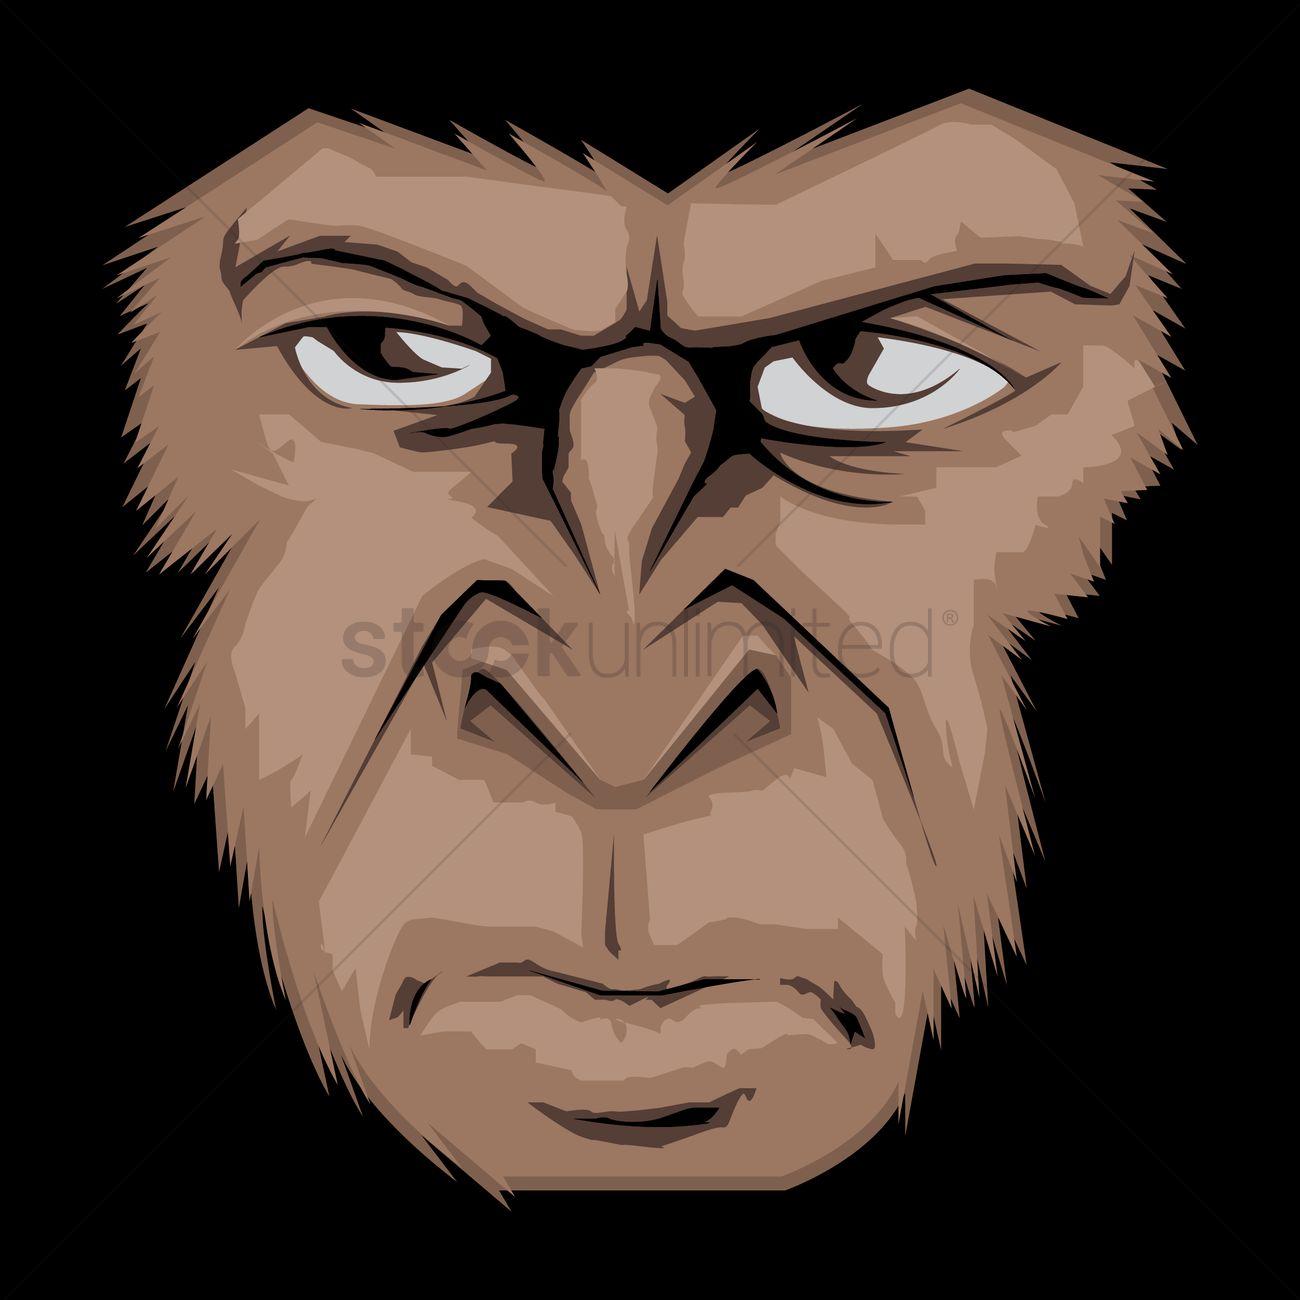 1300x1300 Gorilla Face Vector Image